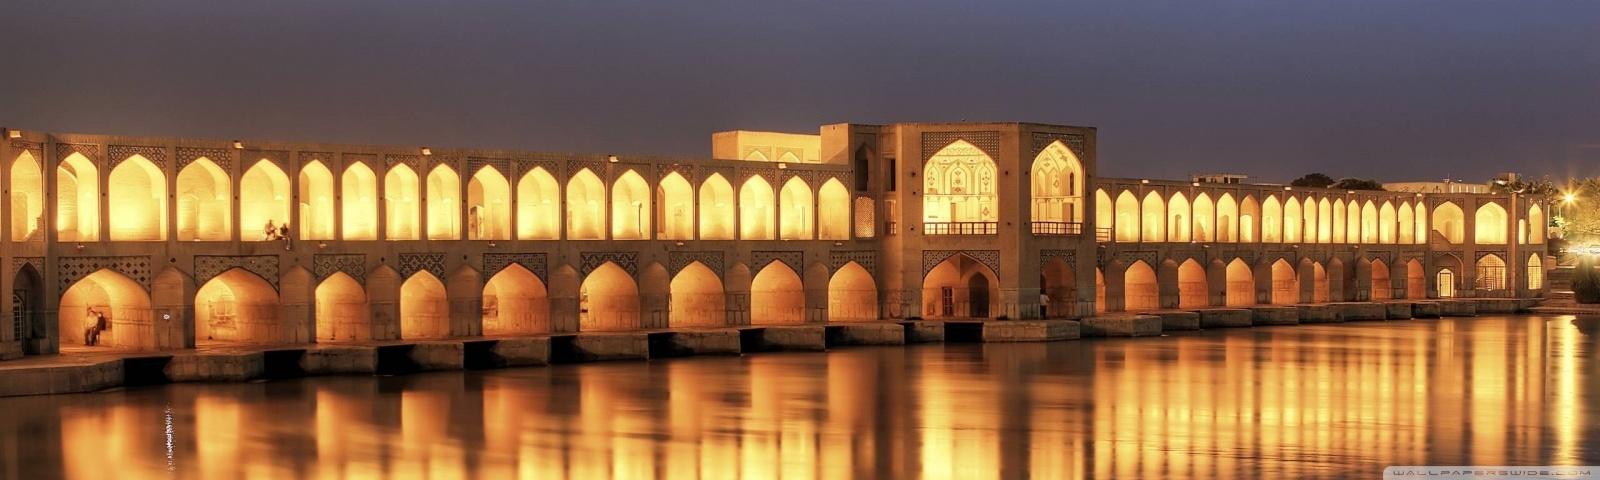 Khaju Bridge At Dusk, Isfahan, Iran HD desktop wallpaper ...